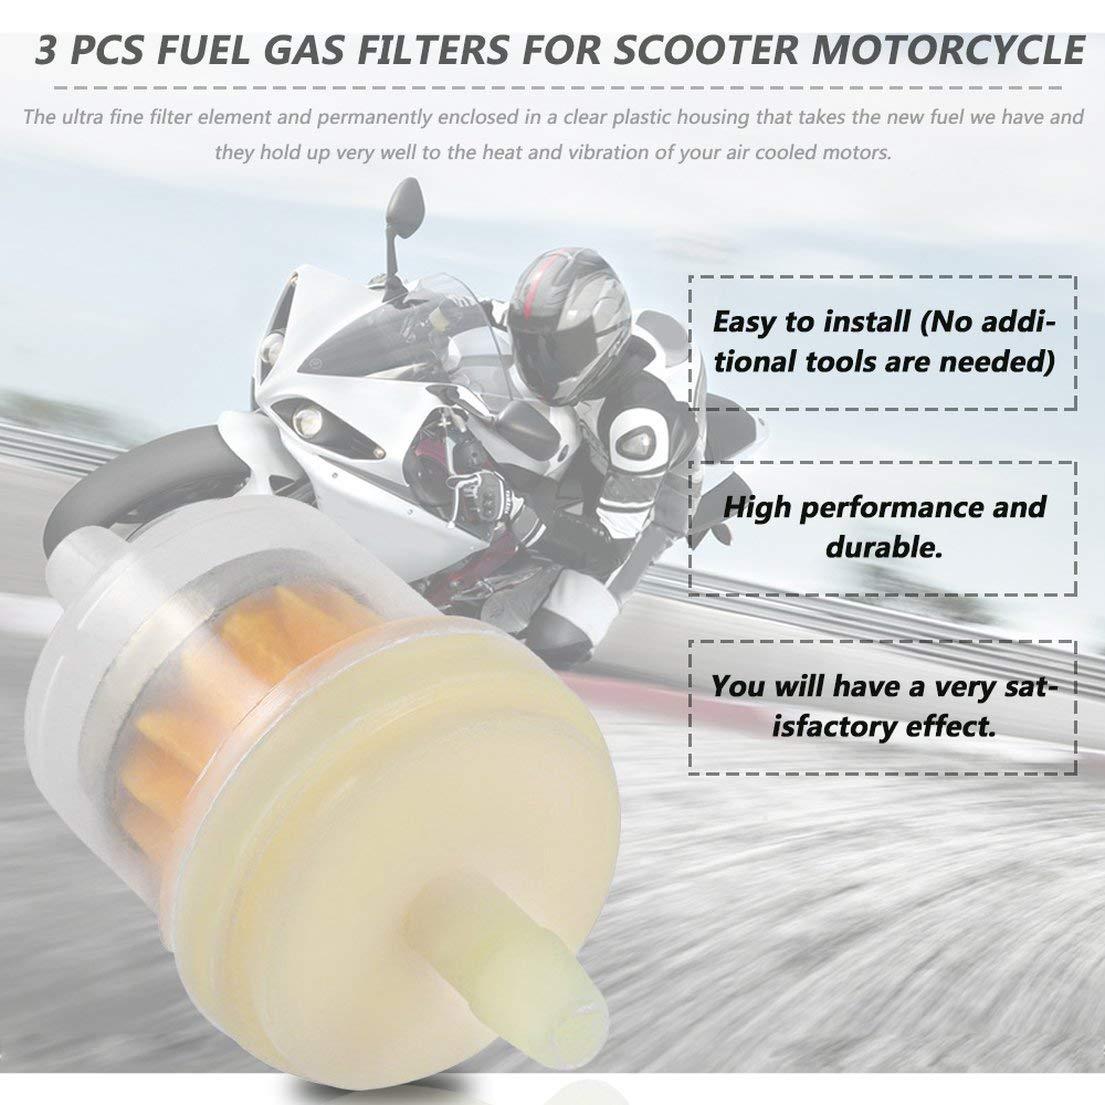 DFH Filtre /à huile universel pour filtres /à gaz de 3 PCS//lot pour moto de scooter pour KART pour ROKETA pour TAOTAO Orange